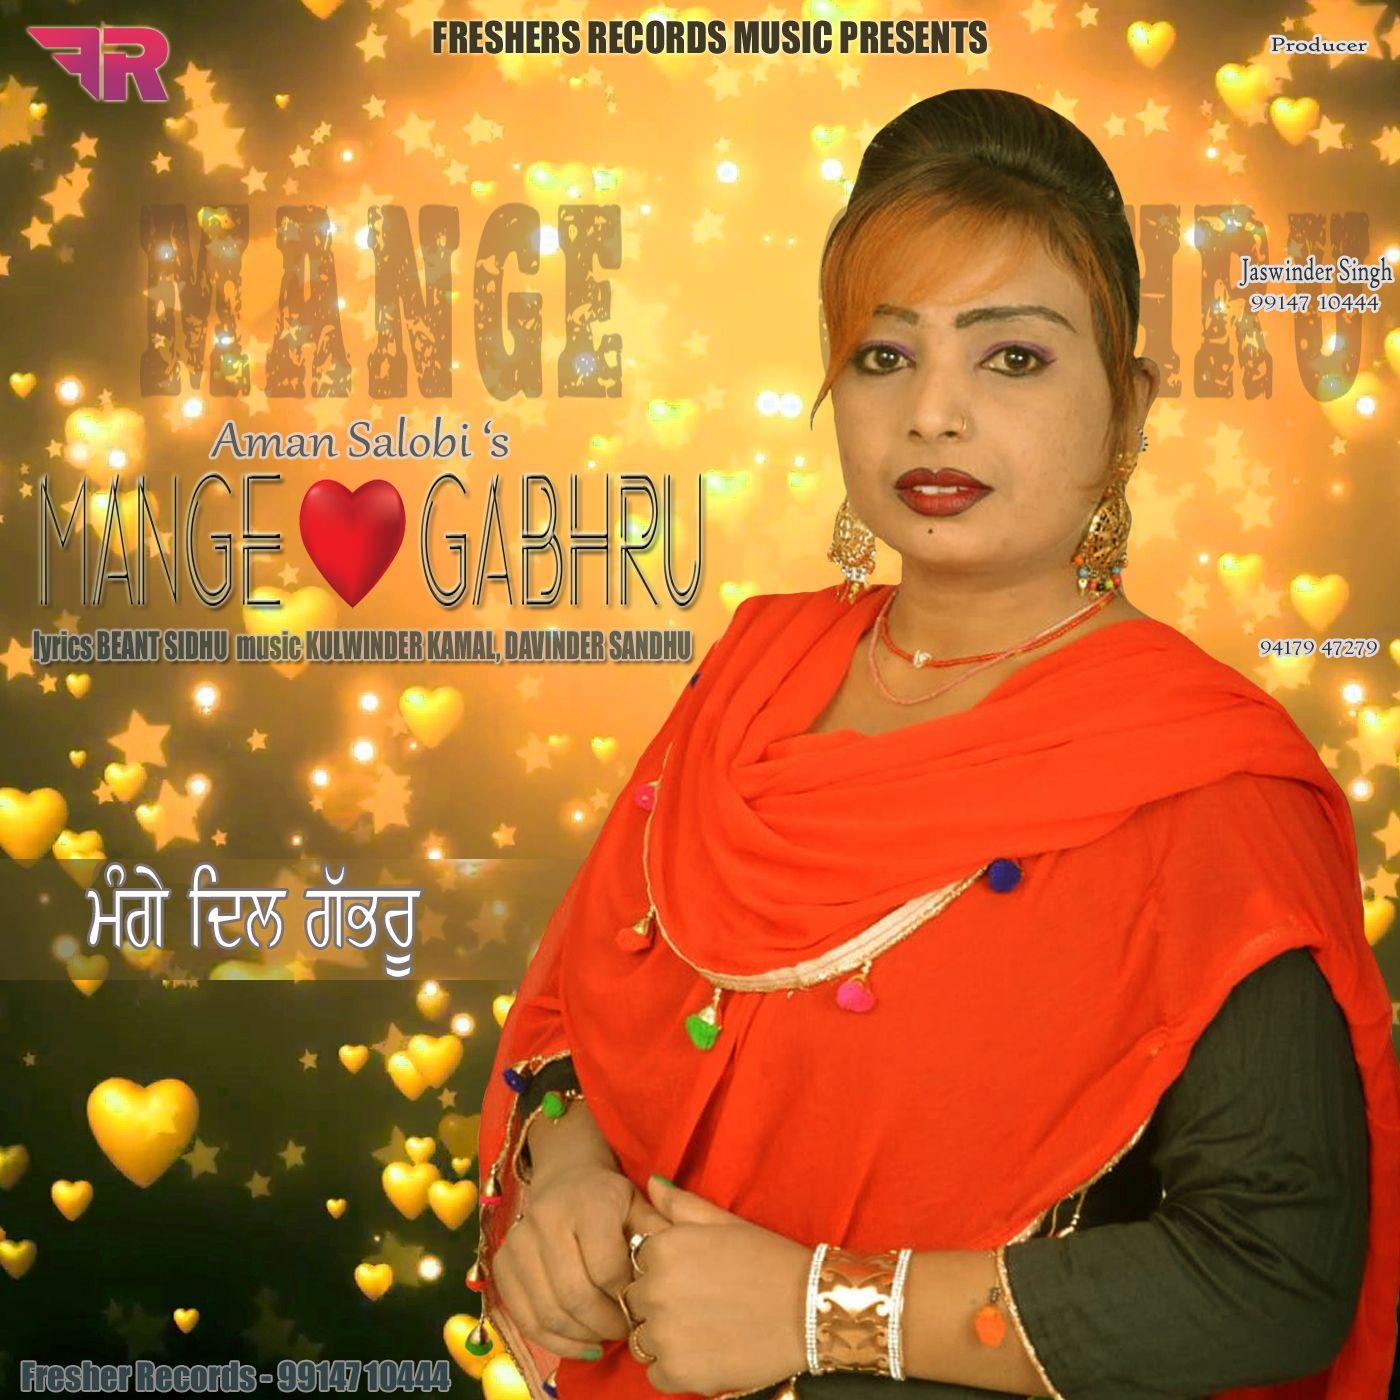 Song Punjabi New 2019 Download Mp3 New Punjabi Song 2018 Download Mp3 Songs Mp3 Song Bollywood Music